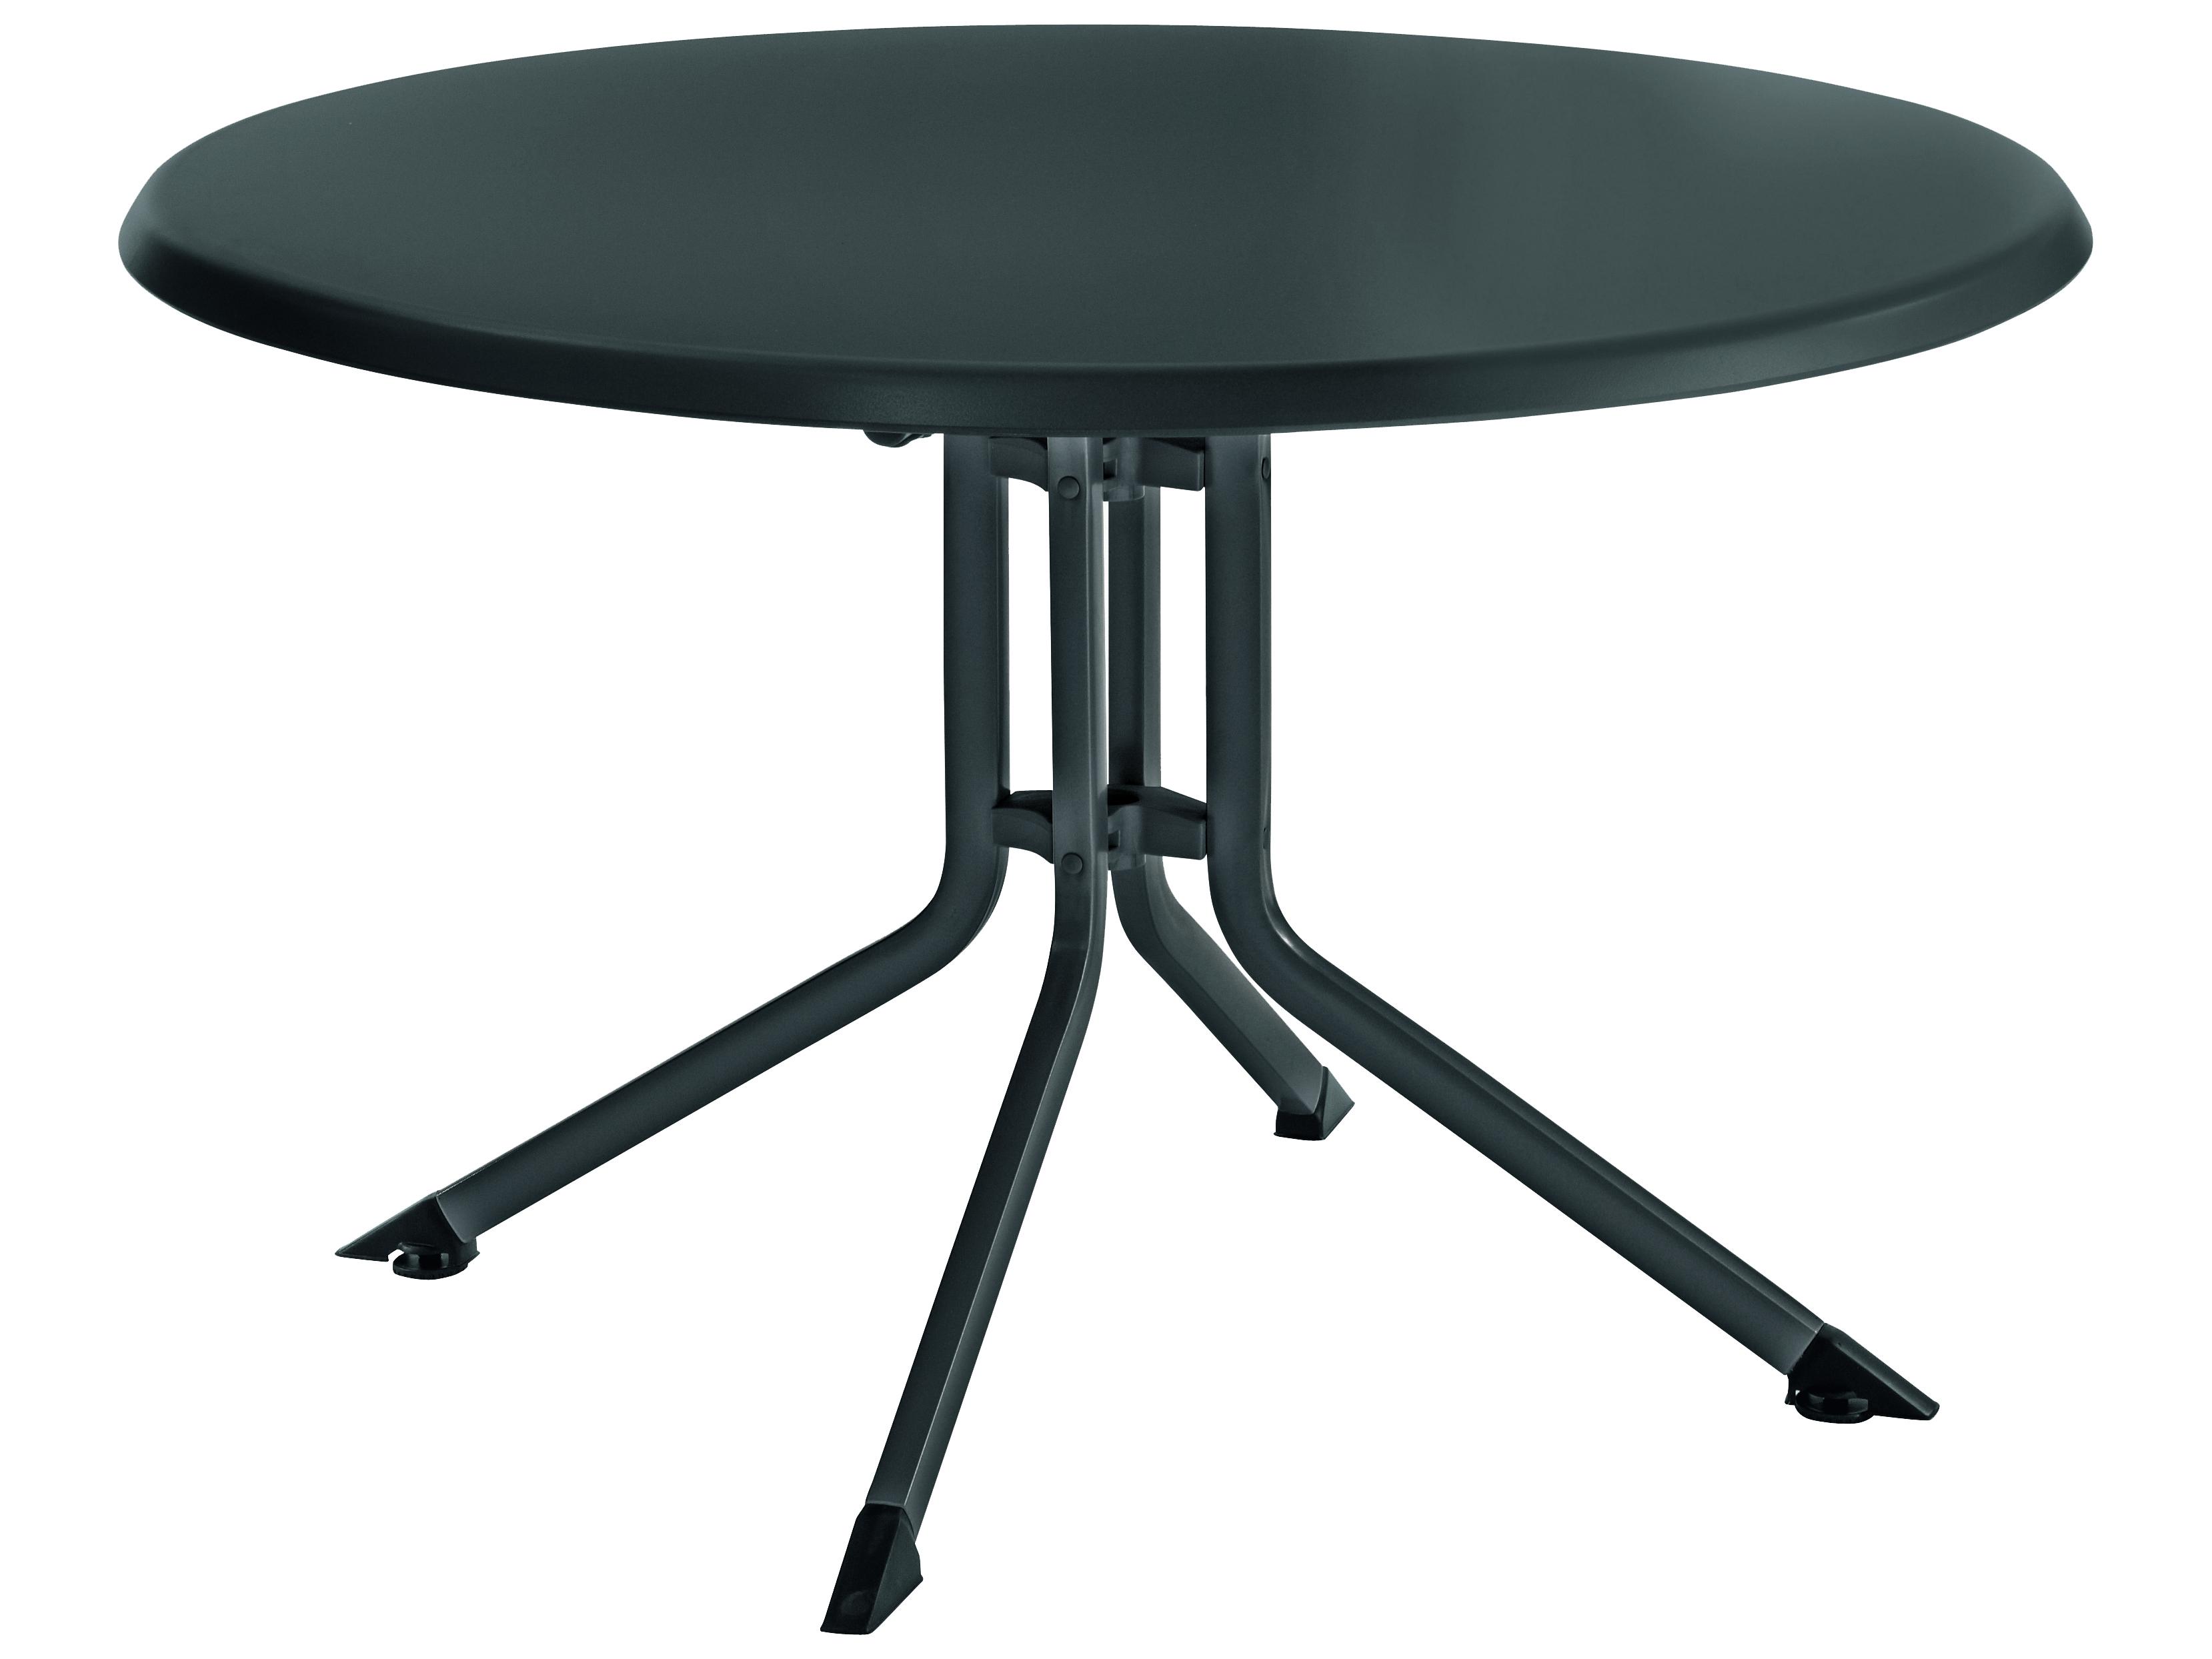 Kettler 46 39 39 round folding table gray gray 307017 7100 for Table kettler